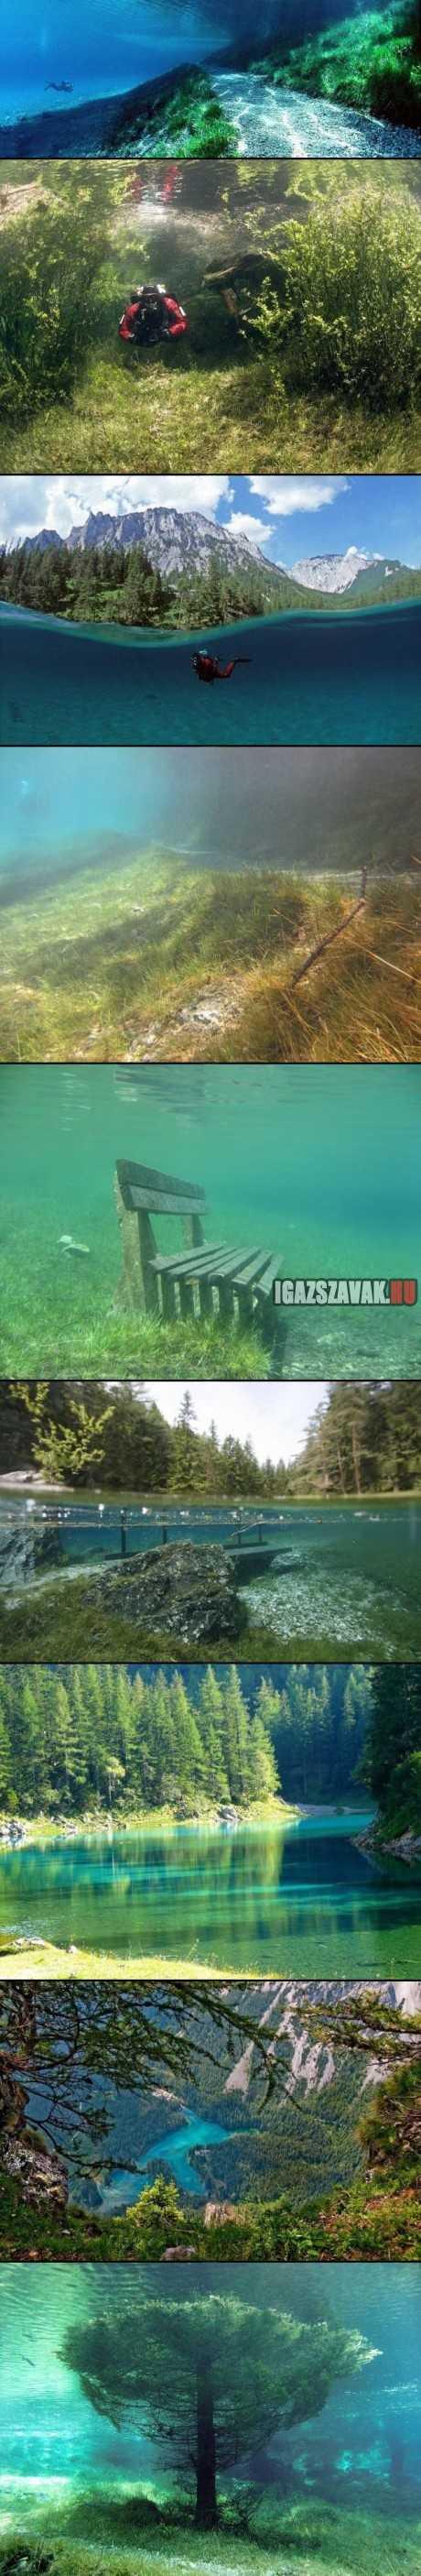 egy park amely nyáron tóvá alakul